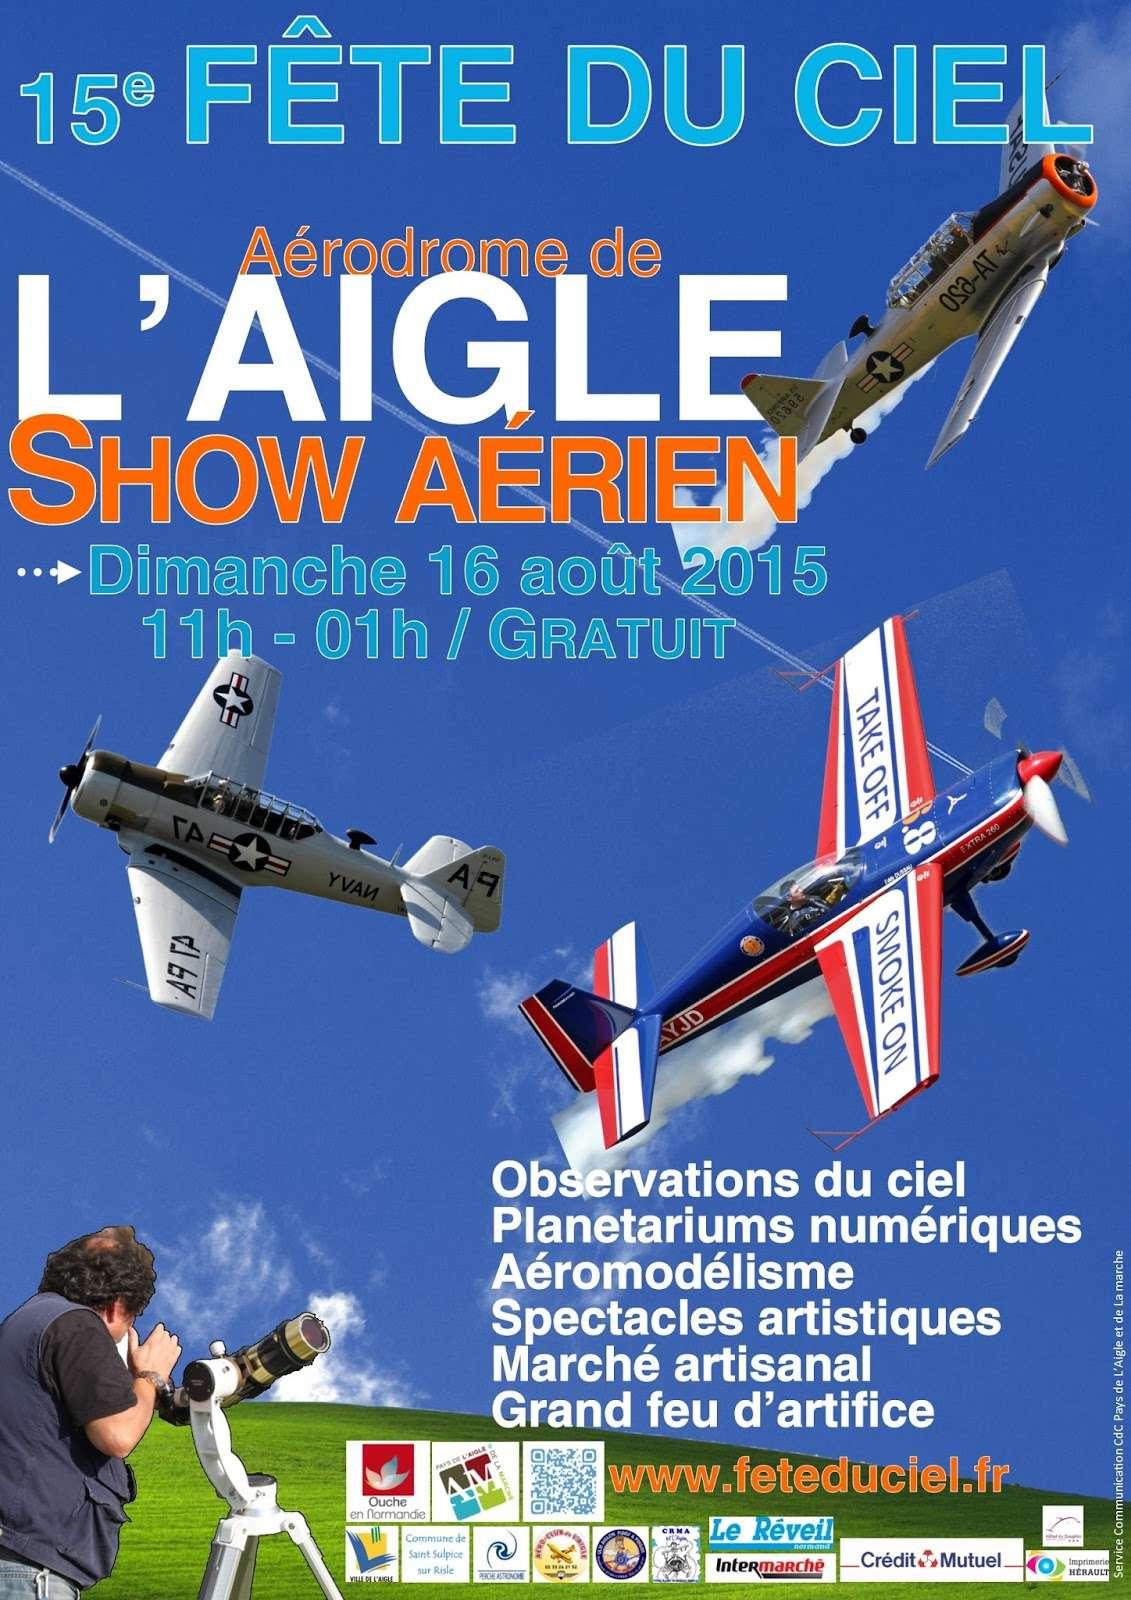 Fête du Ciel 2015, Saint-Michel, Aérodrome de L'Aigle ,Basse-Normandie, meeting aériens 2015, meeting aeriens 2015